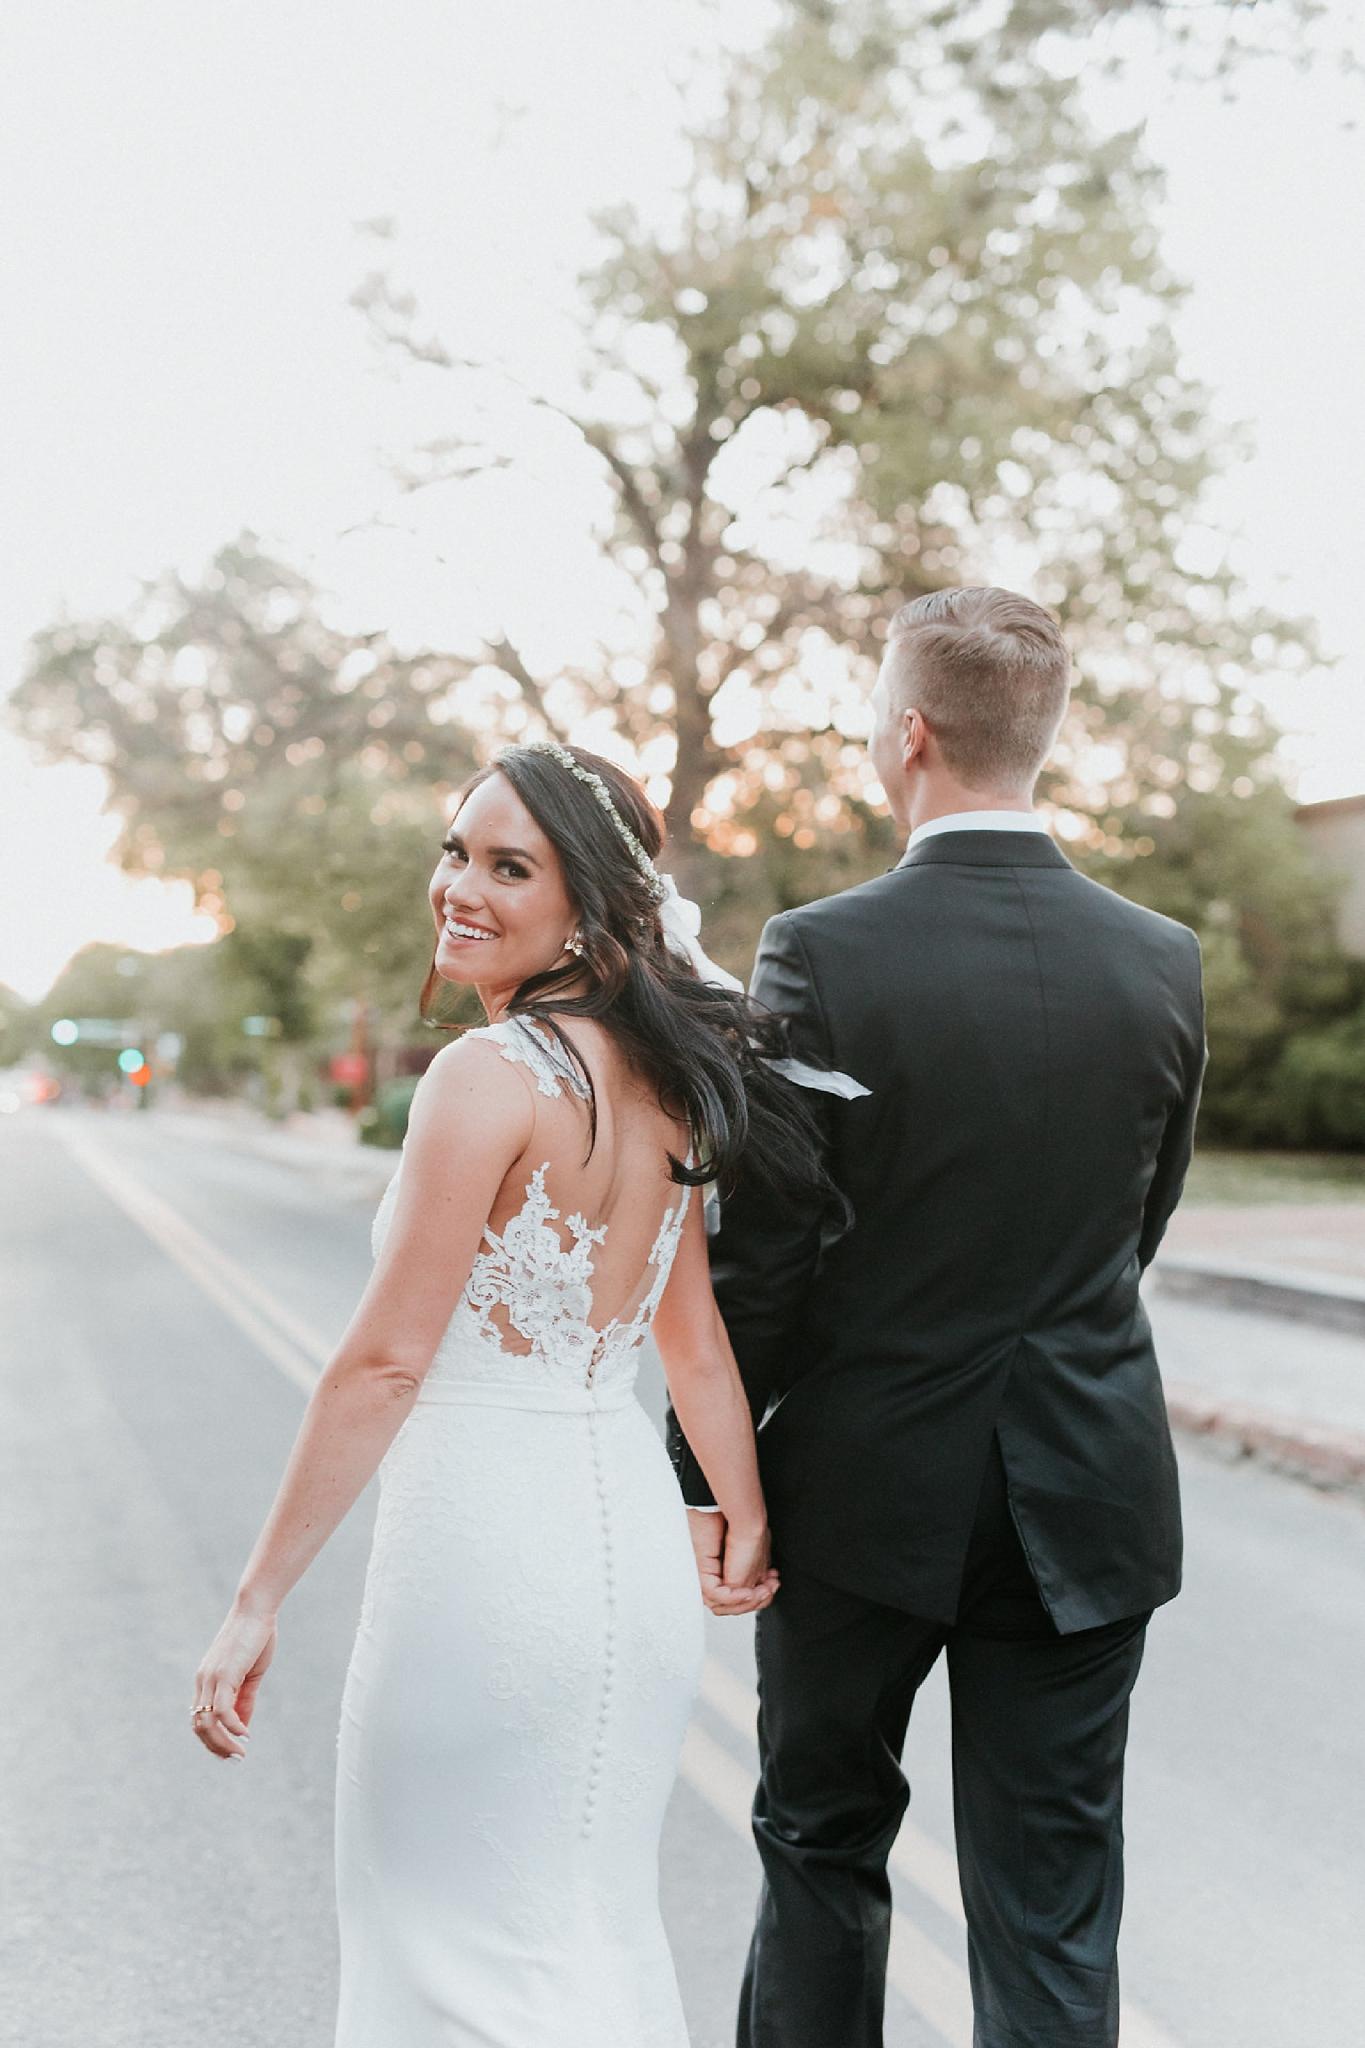 Alicia+lucia+photography+-+albuquerque+wedding+photographer+-+santa+fe+wedding+photography+-+new+mexico+wedding+photographer+-+new+mexico+wedding+-+wedding+makeup+-+makeup+artist+-+wedding+makeup+artist+-+bridal+makeup_0049.jpg